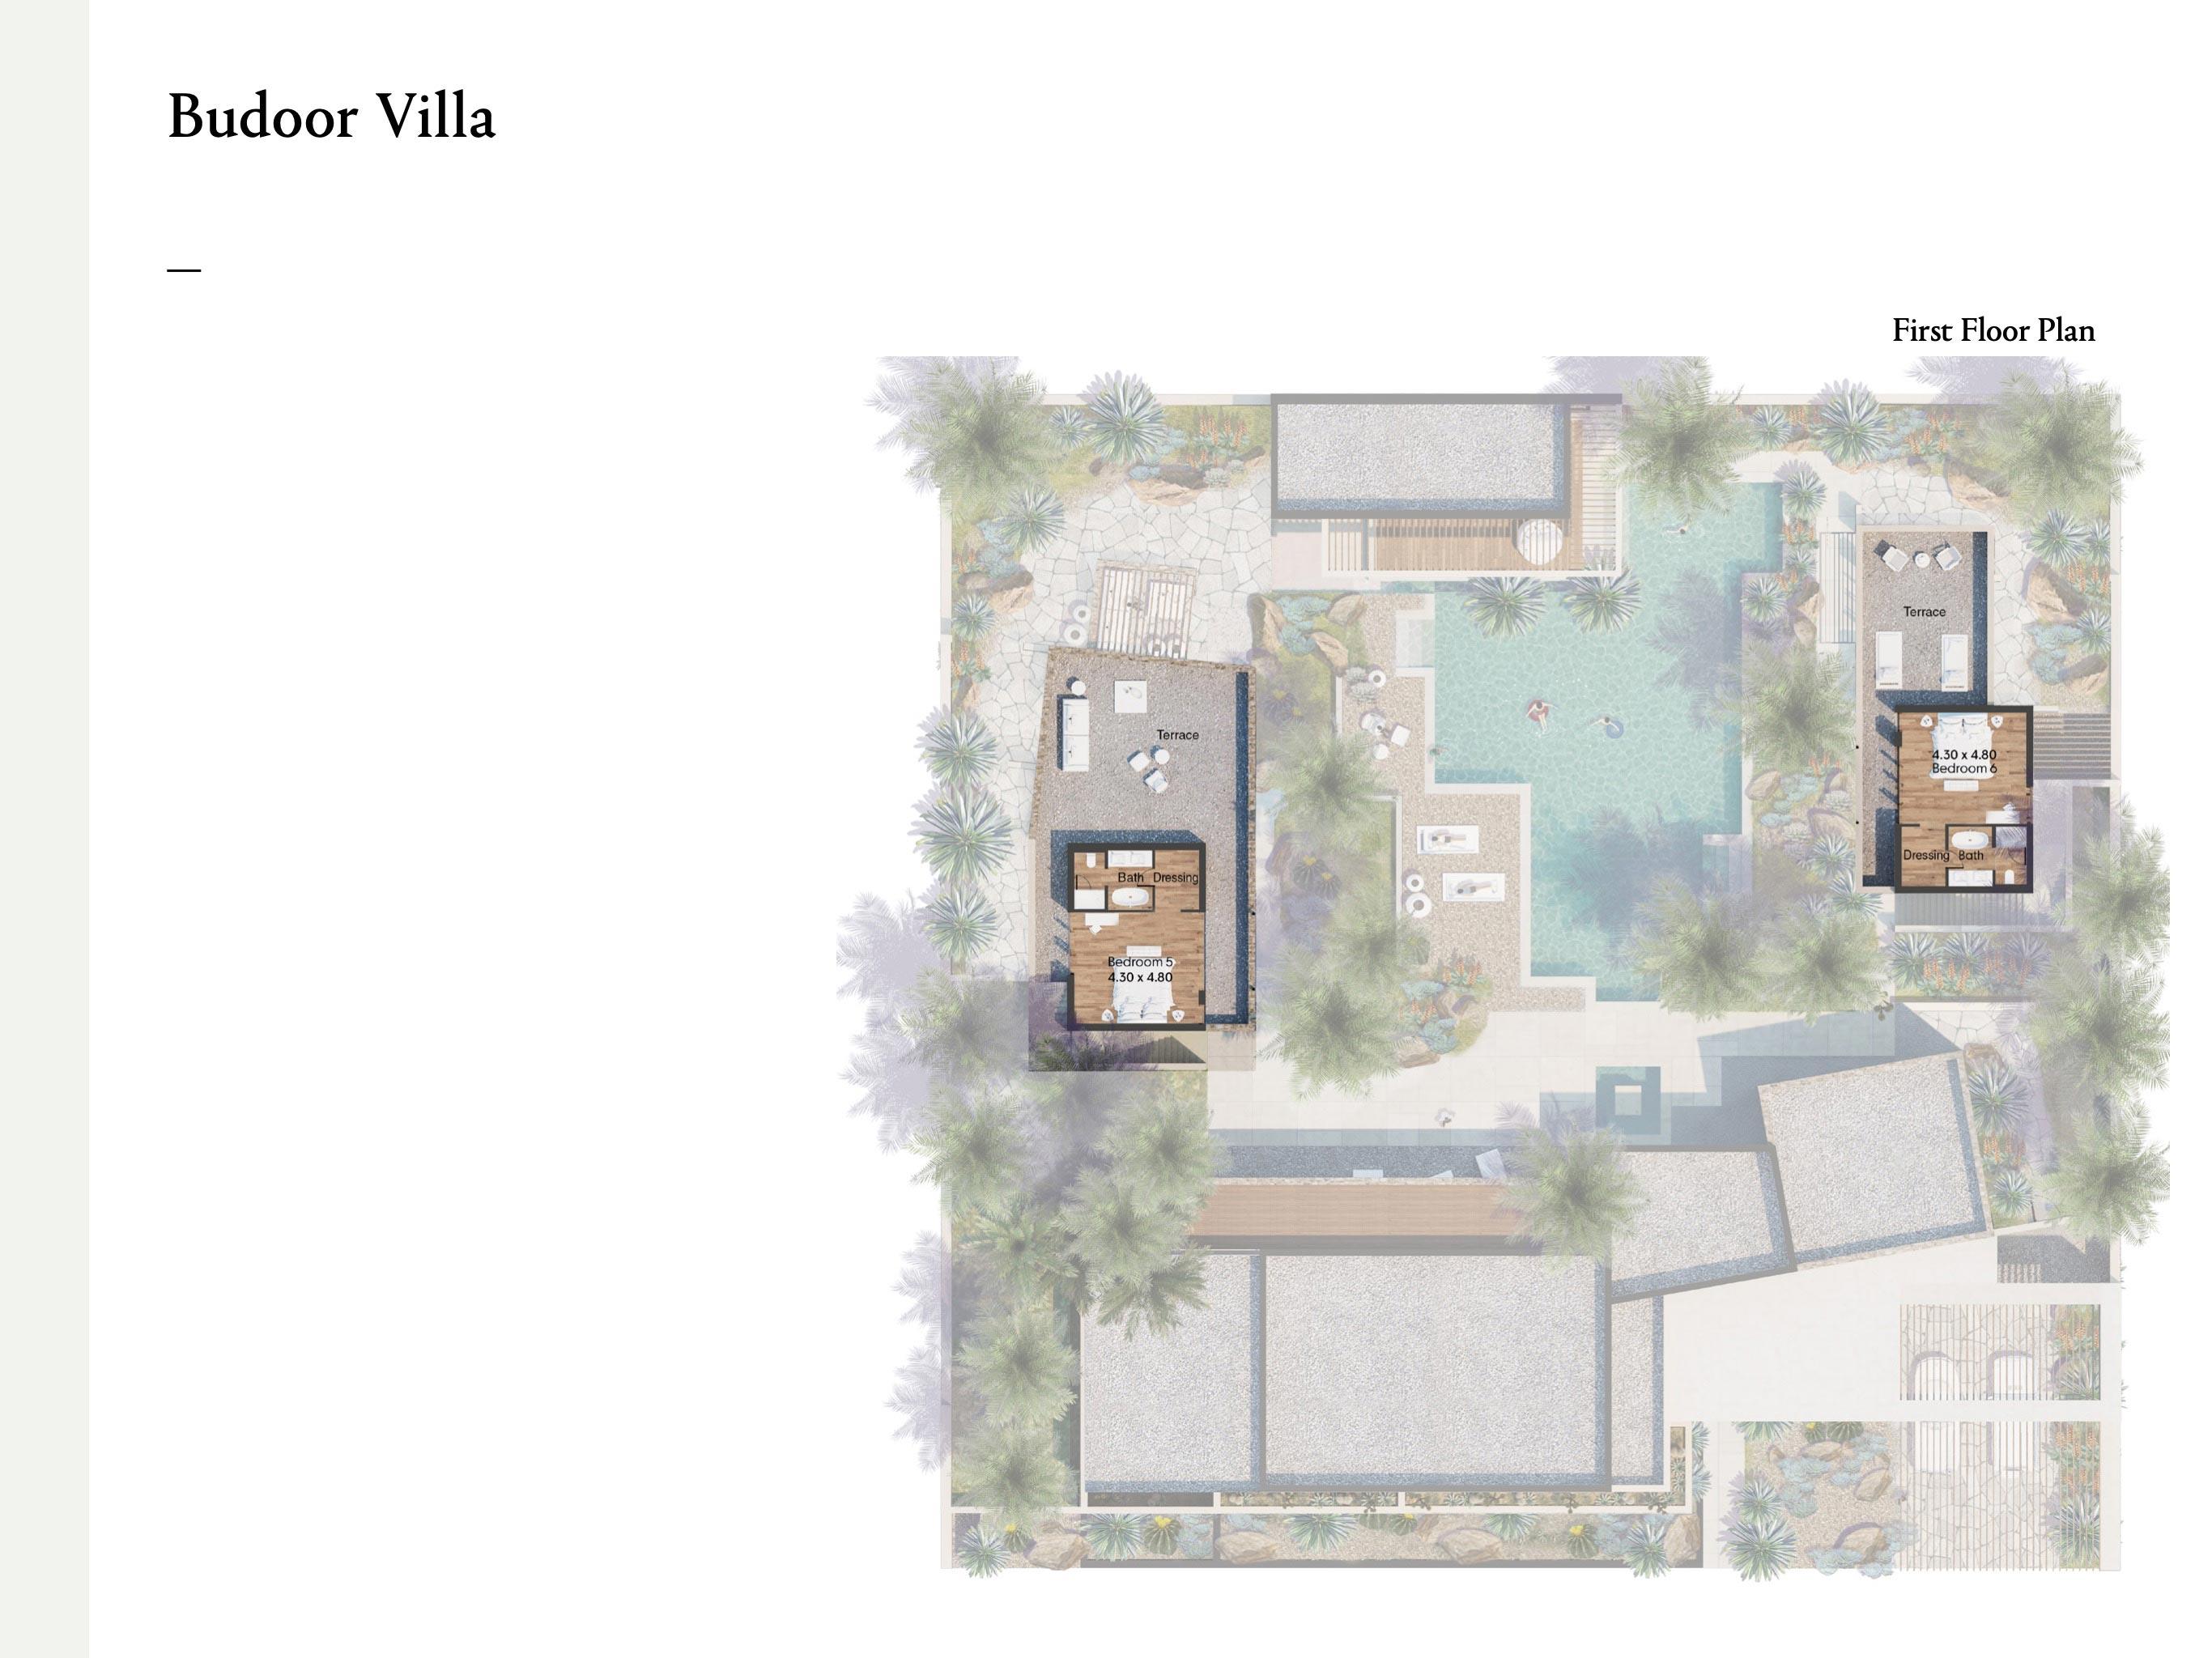 فلل من أربع غرف نوم بمساحة 419 متر مربع